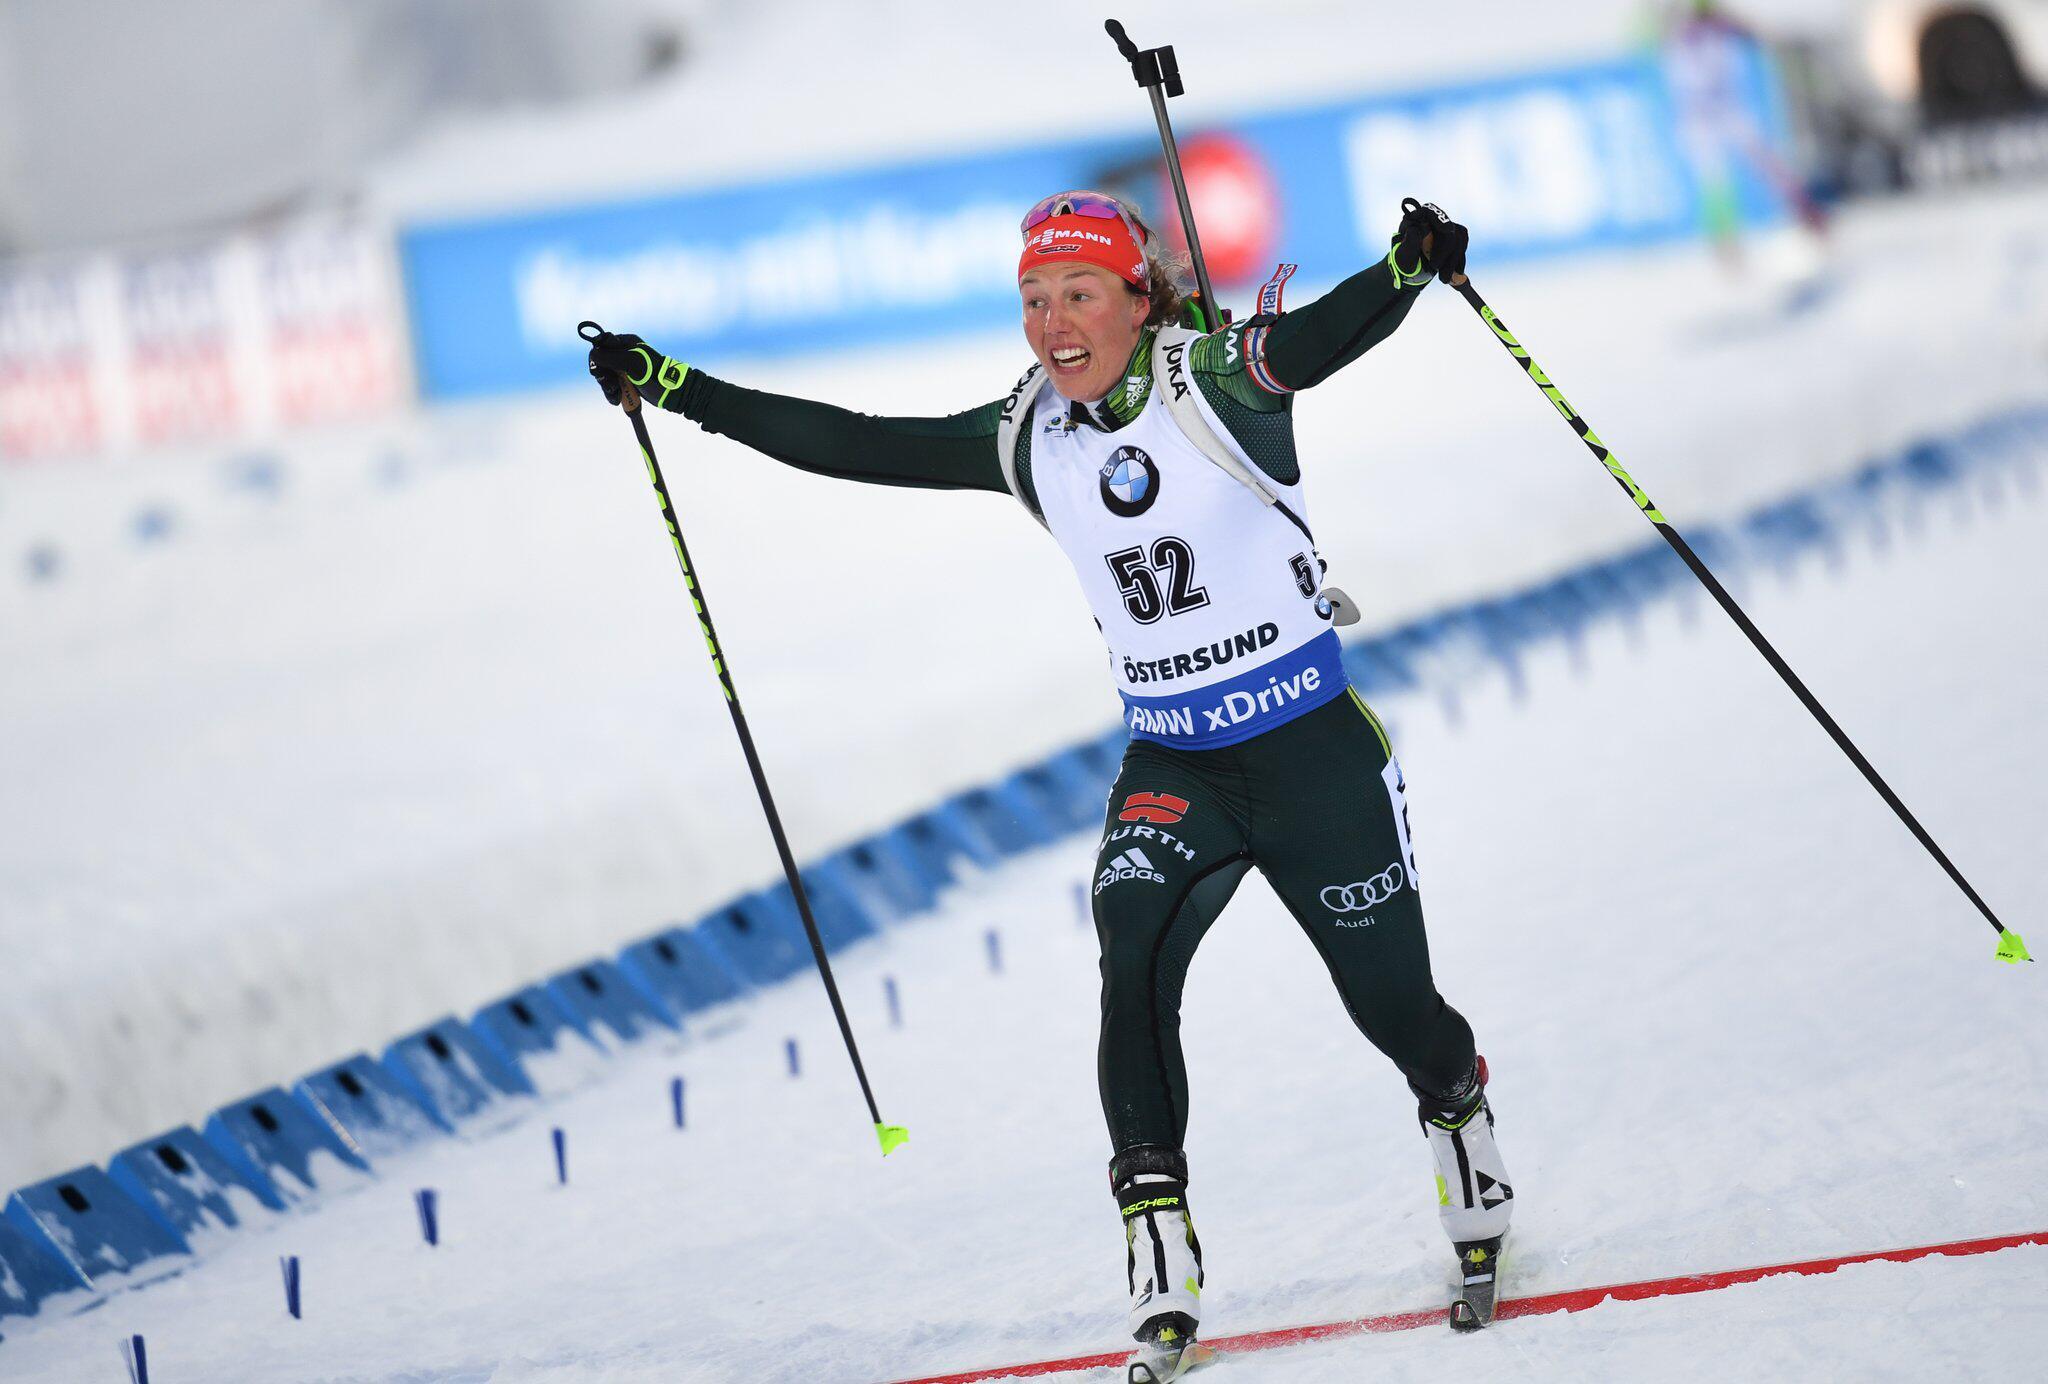 Bild zu Biathlon, Biathlon-WM, Östersund, Sprint, Frauen, Laura Dahlmeier, Bronze, Ziel